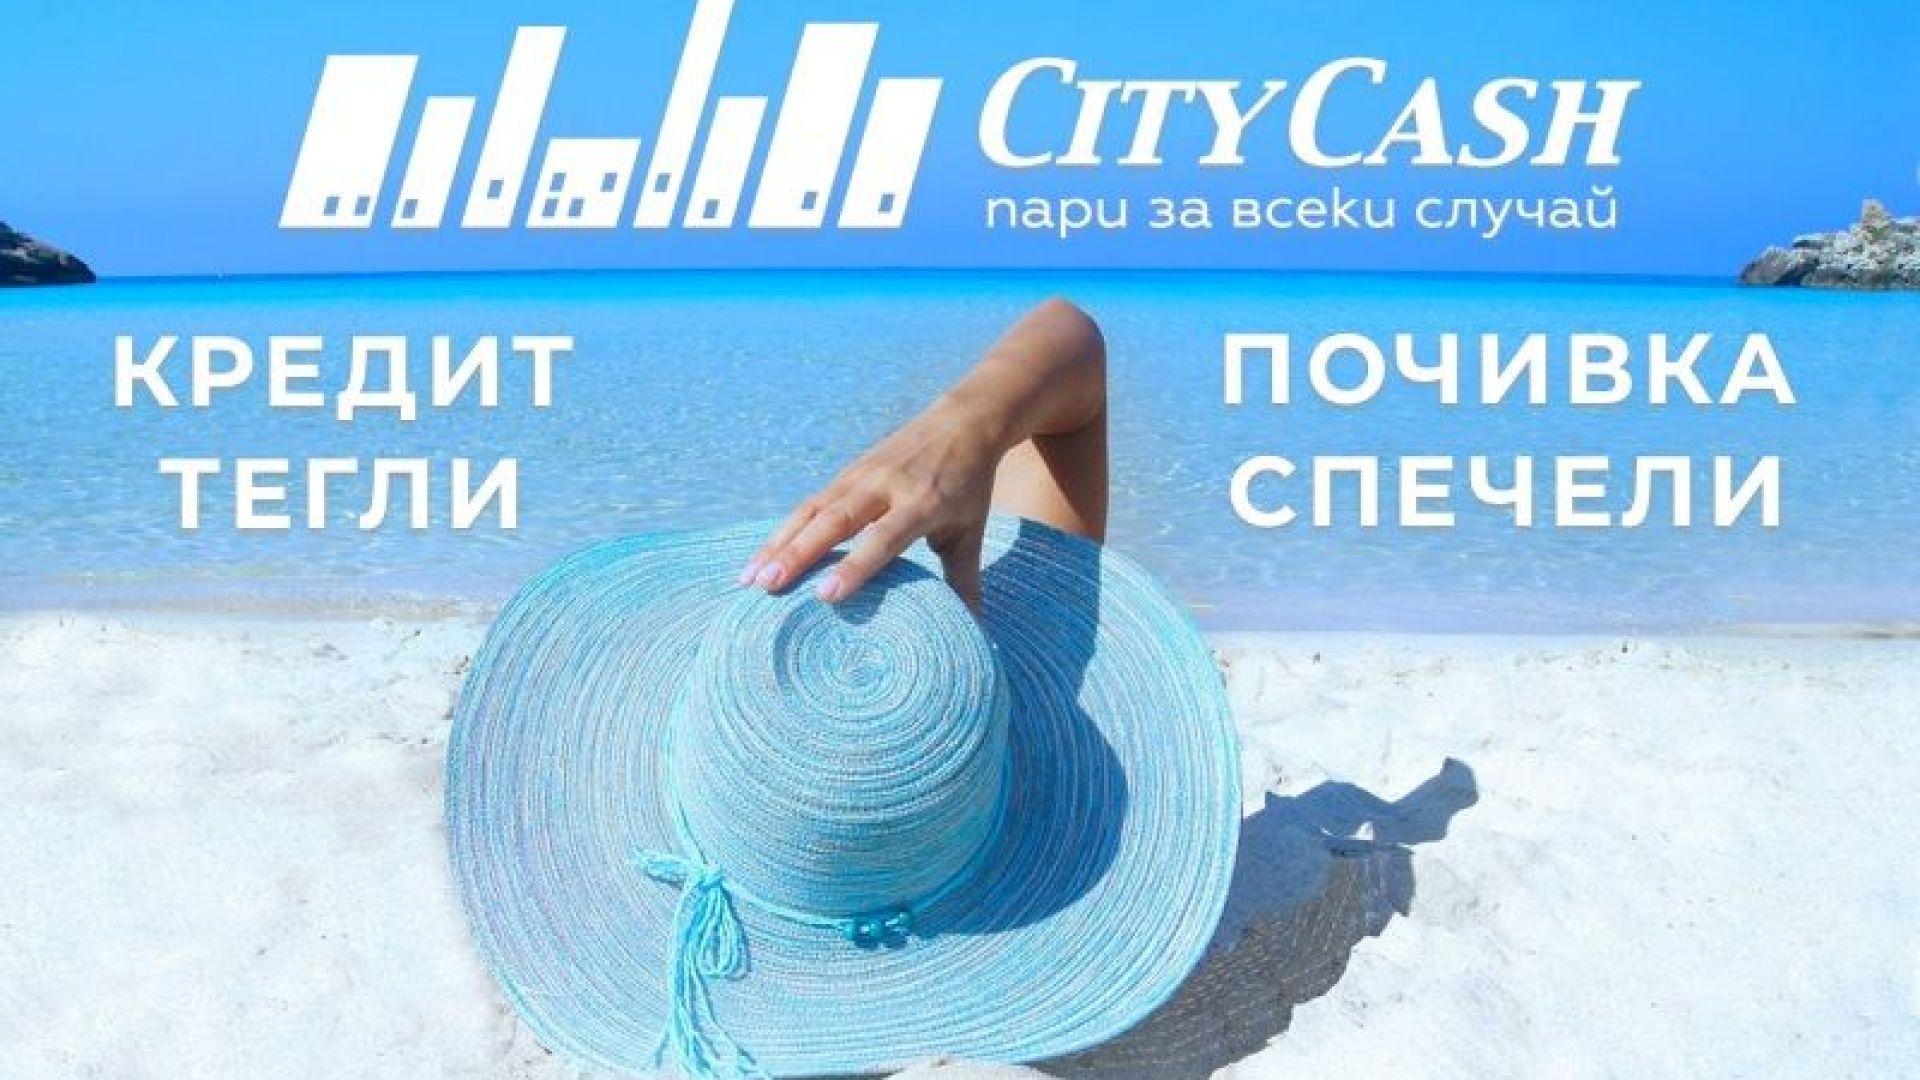 """CityCash с гореща лятна промоционална кампания """"Кредит тегли, почивка спечели"""""""